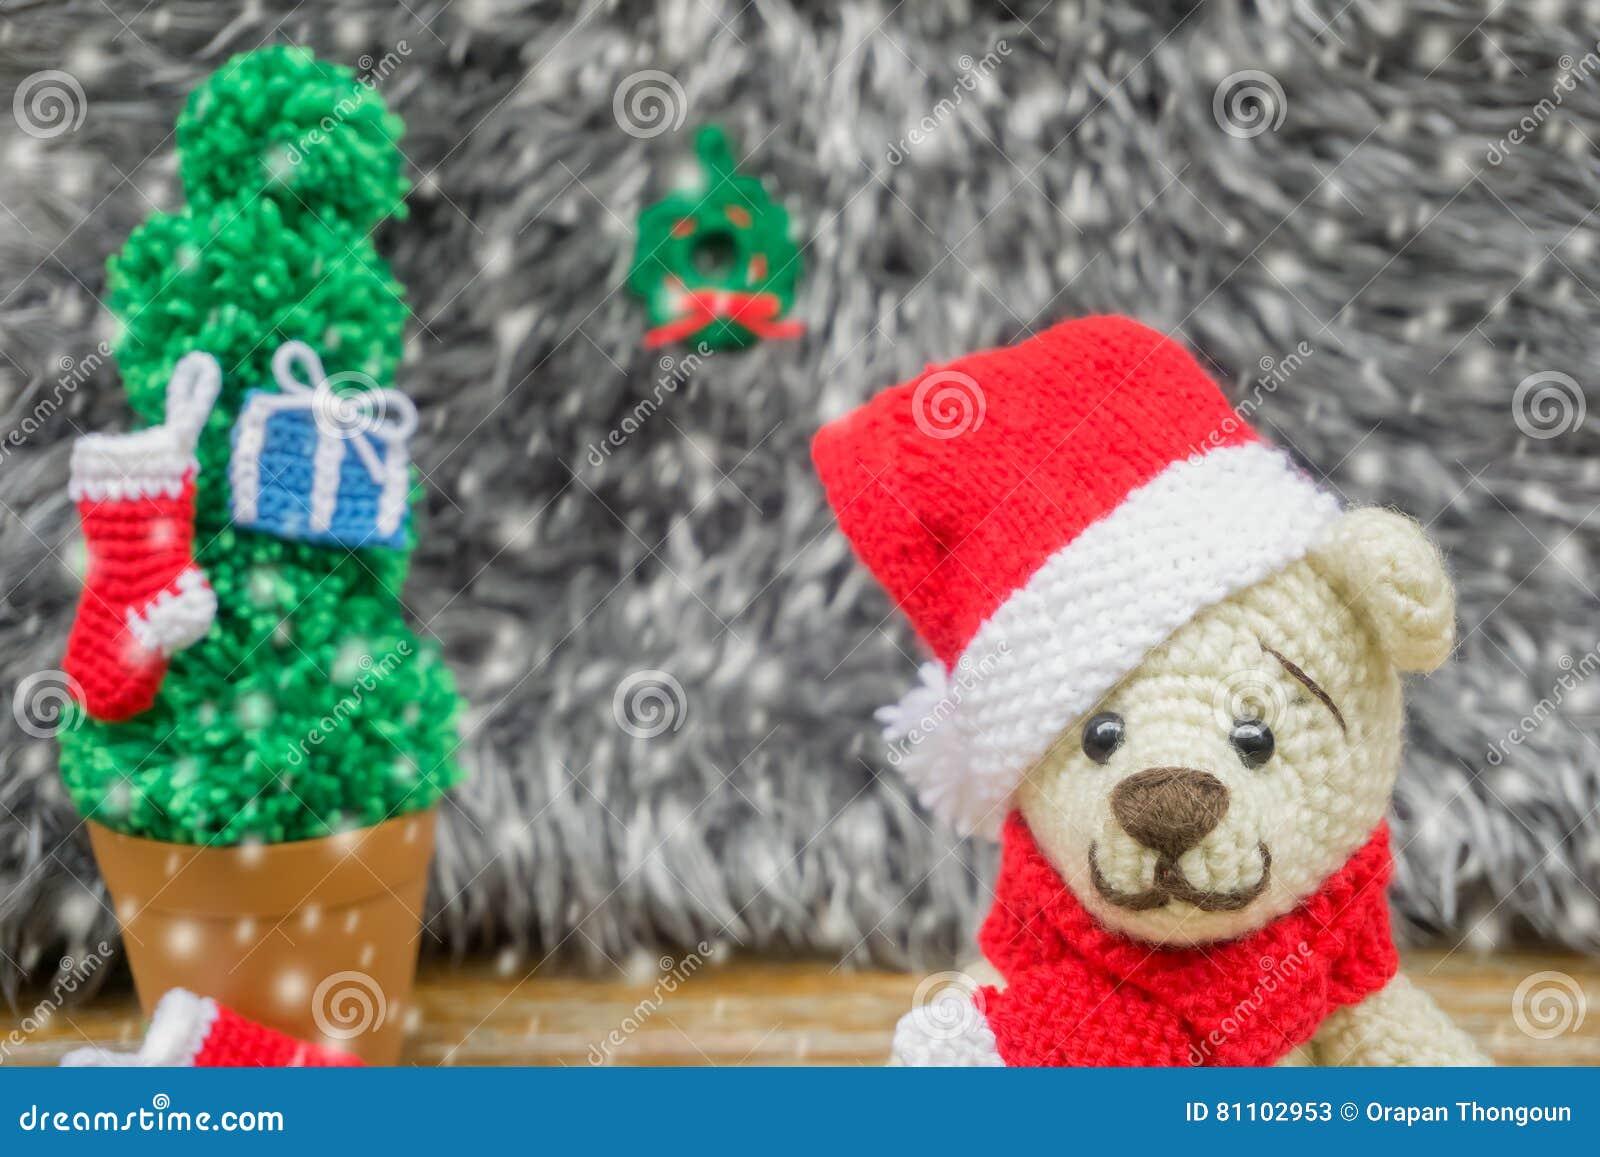 Le migliori 39 immagini su Amigurumi natalizi nel 2020 | Amigurumi ... | 957x1300